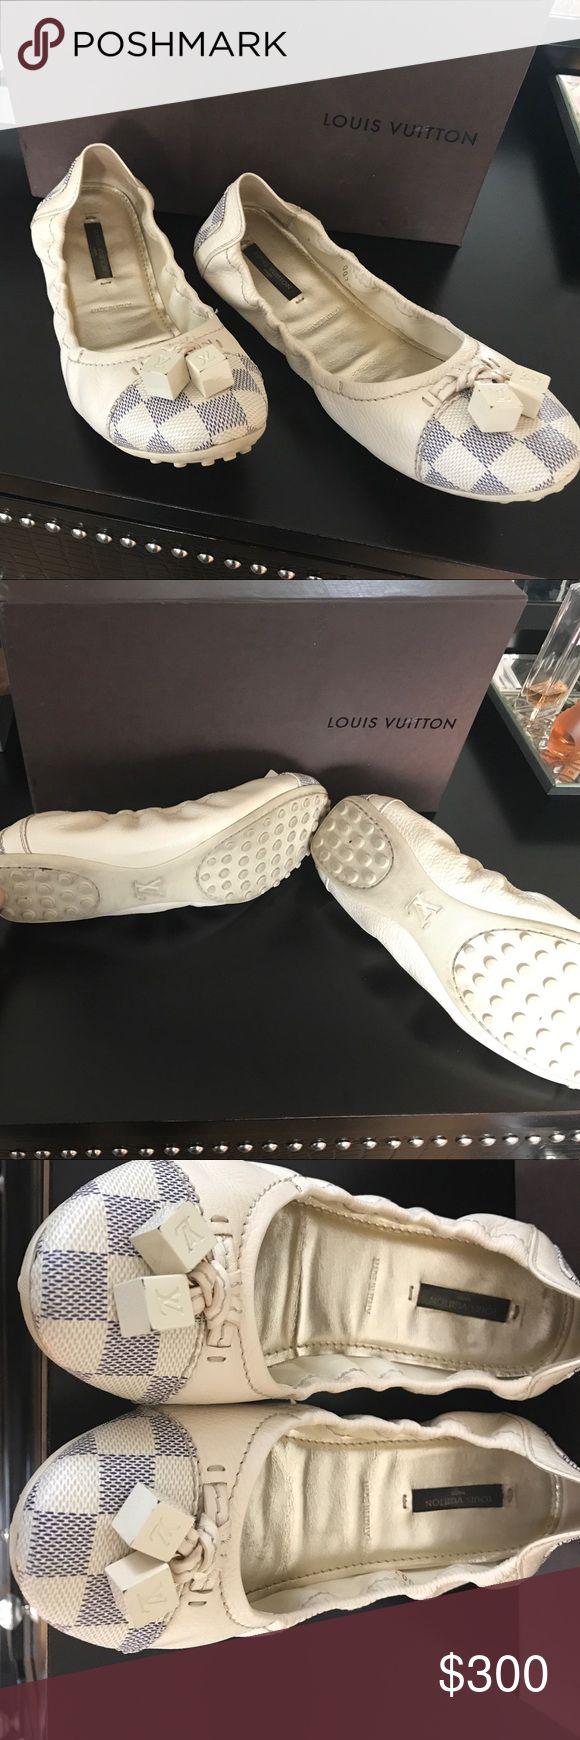 Louis Vuitton ballerina flats Louis Vuitton ballerina flats gently used Louis Vuitton Shoes Flats & Loafers